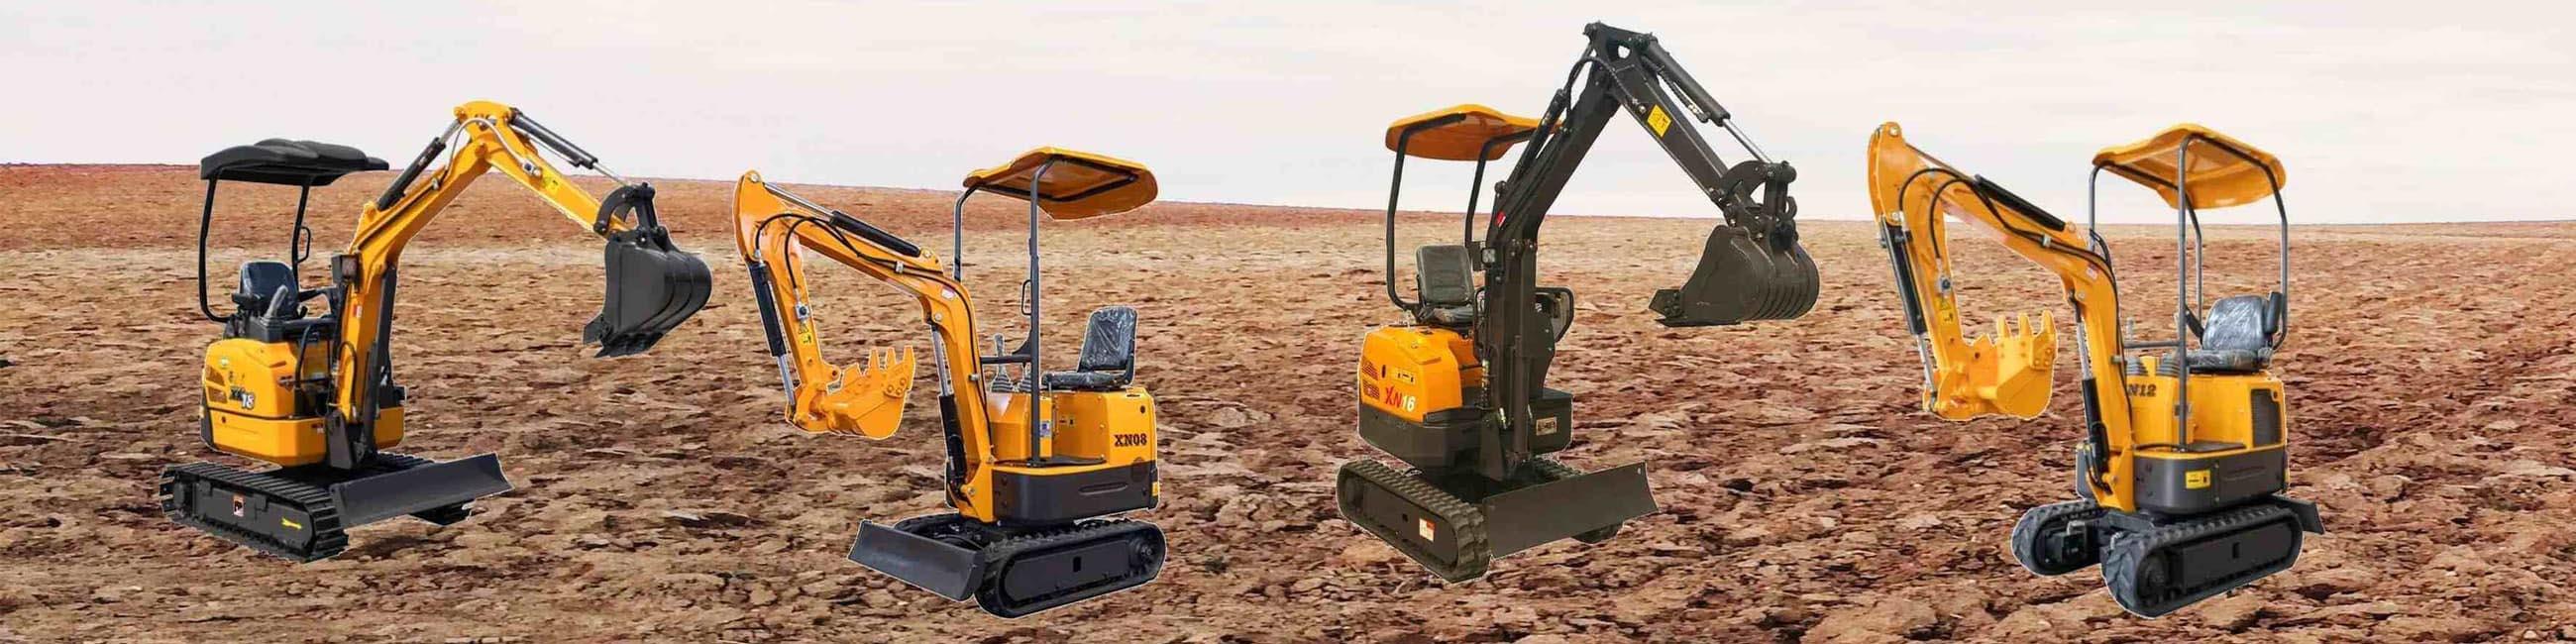 Mini Excavators in Sand